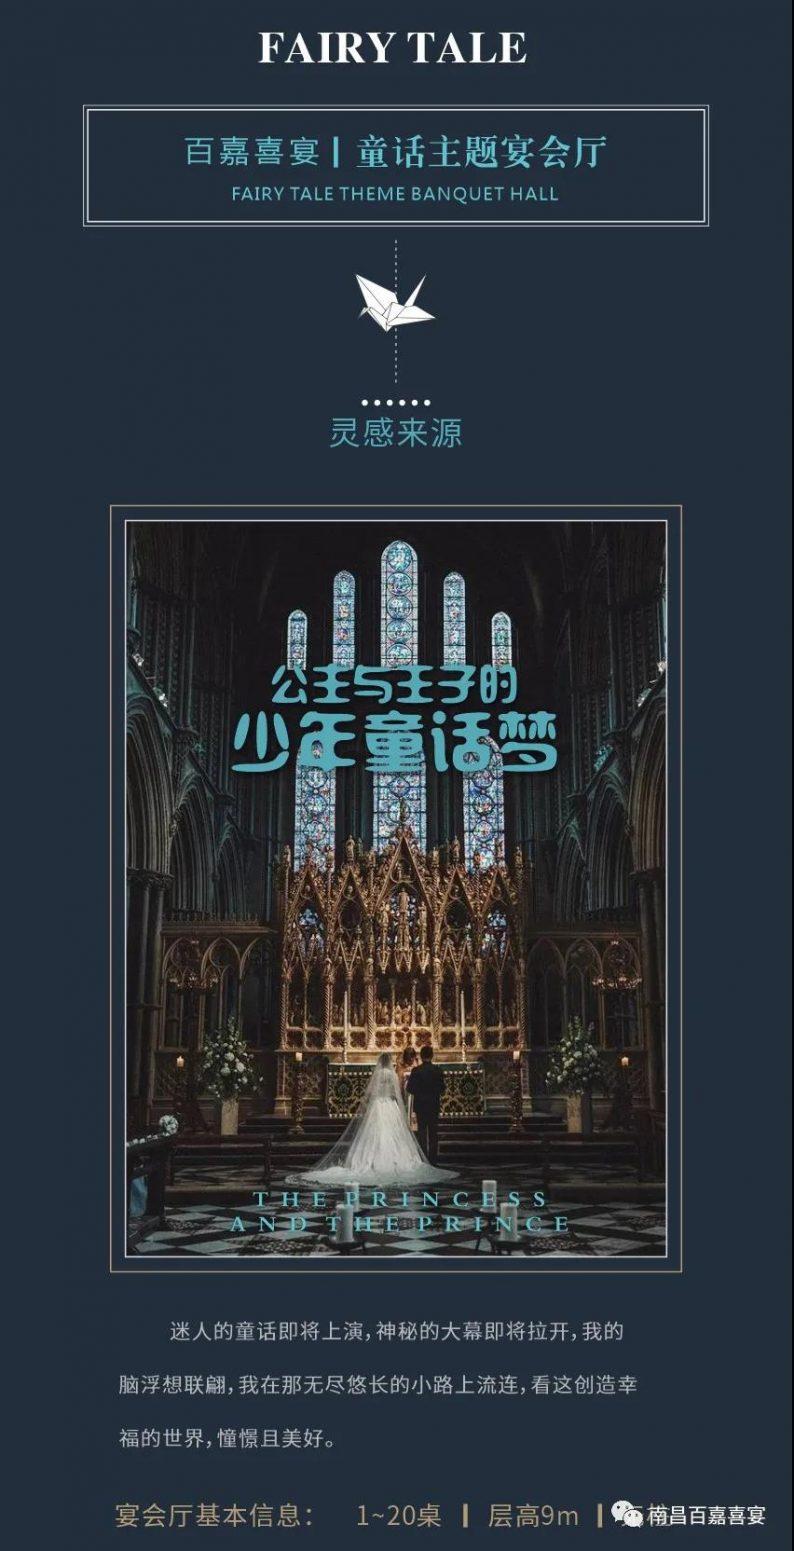 婚礼堂发布:12个百万级风格宴会厅!百嘉喜宴婚礼综合体启幕  第36张